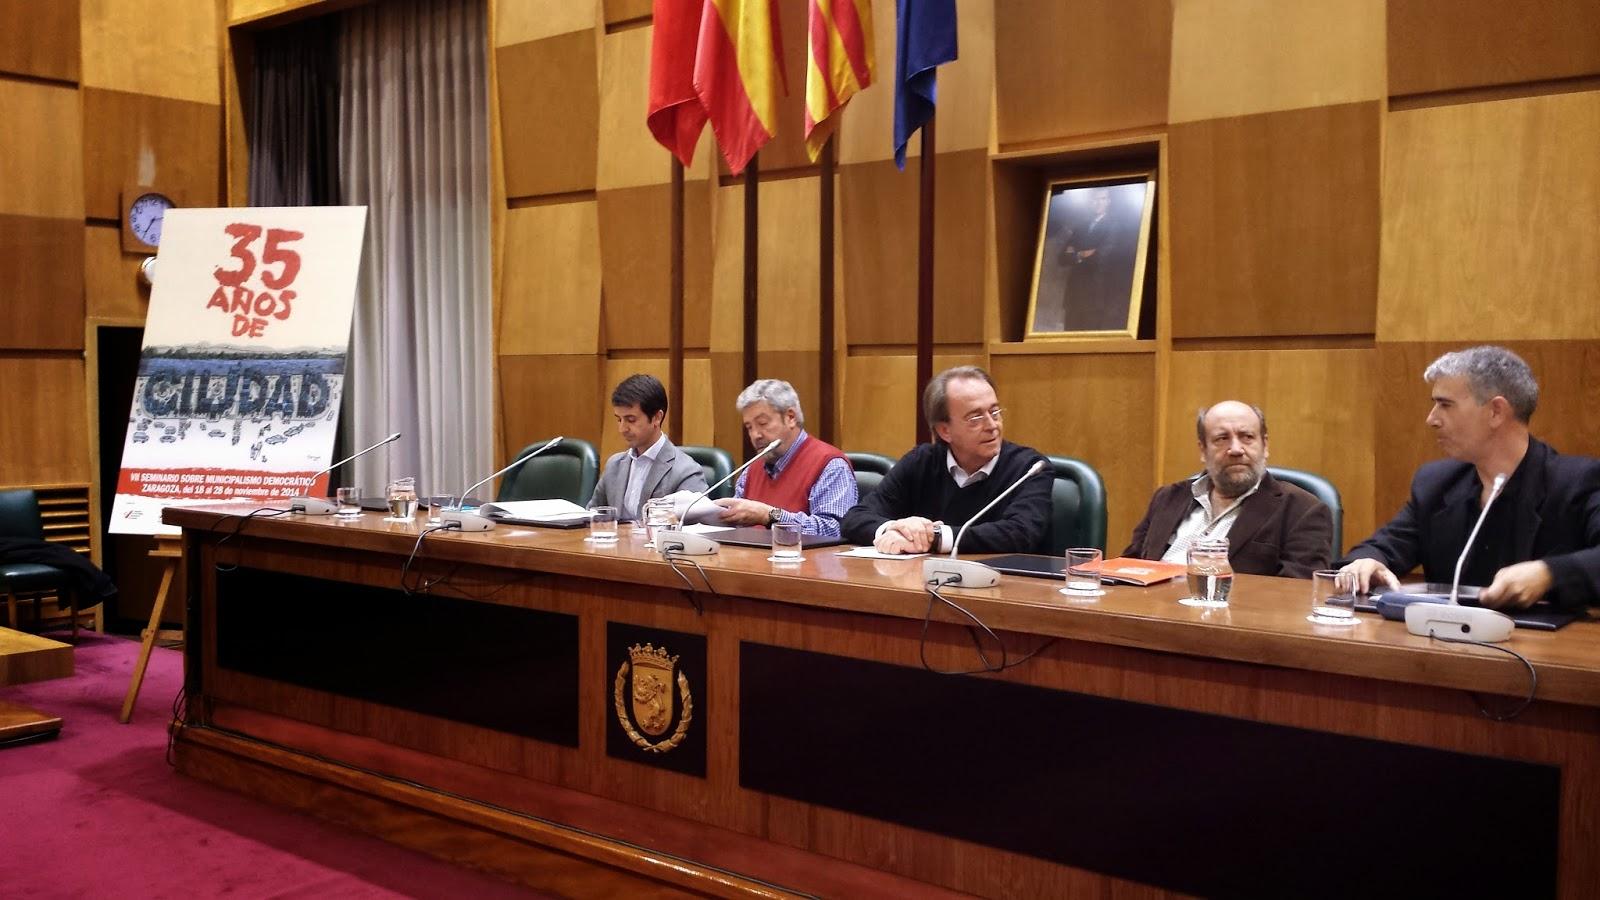 La falta de financiación y las competencias municipales centran el arranque de las jornadas en el Ayuntamiento de Zaragoza